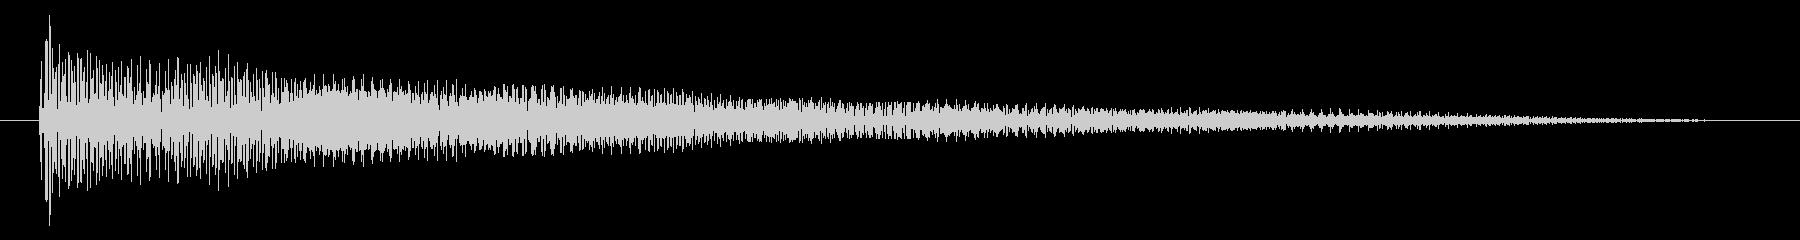 プァーン(ギター系)の未再生の波形